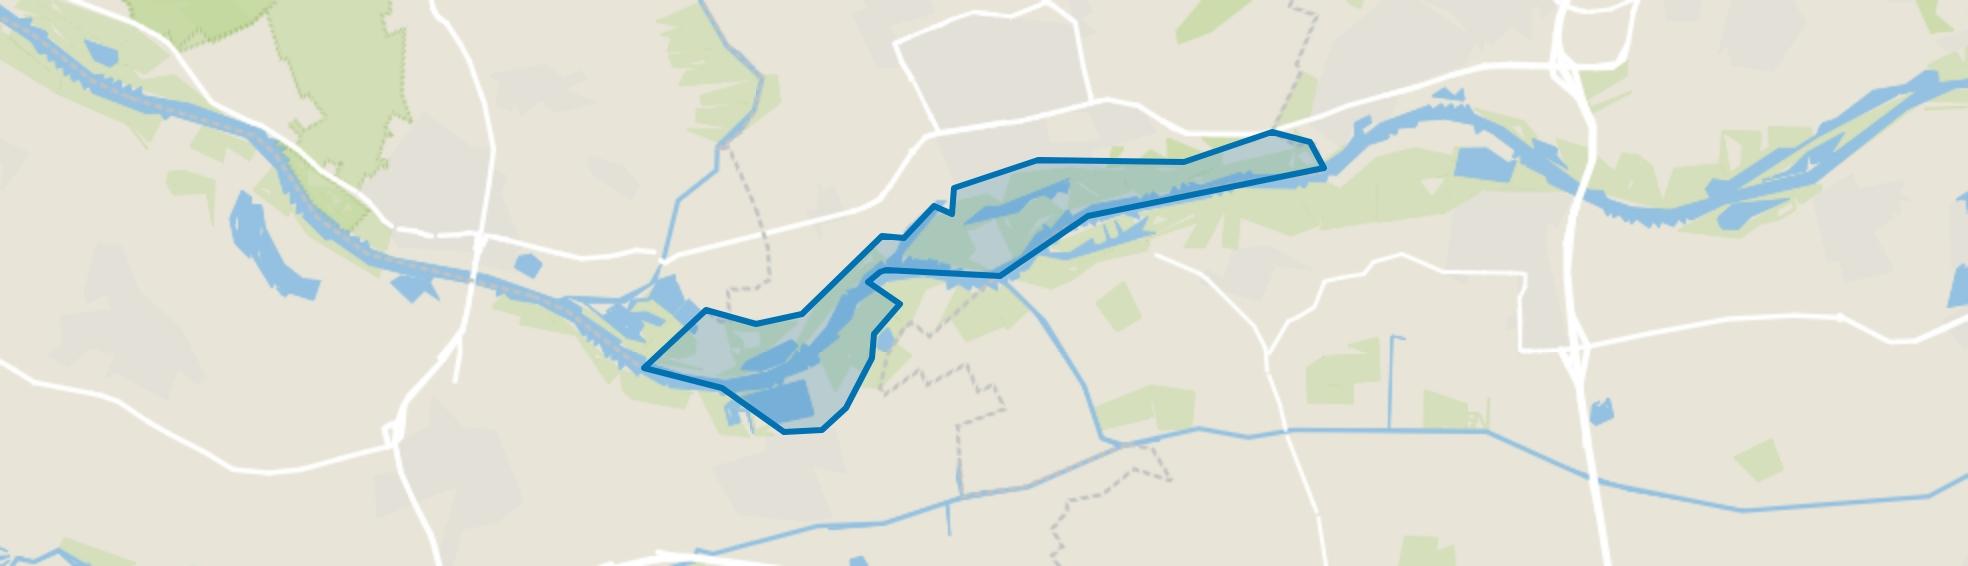 Uiterwaarden, Wageningen map